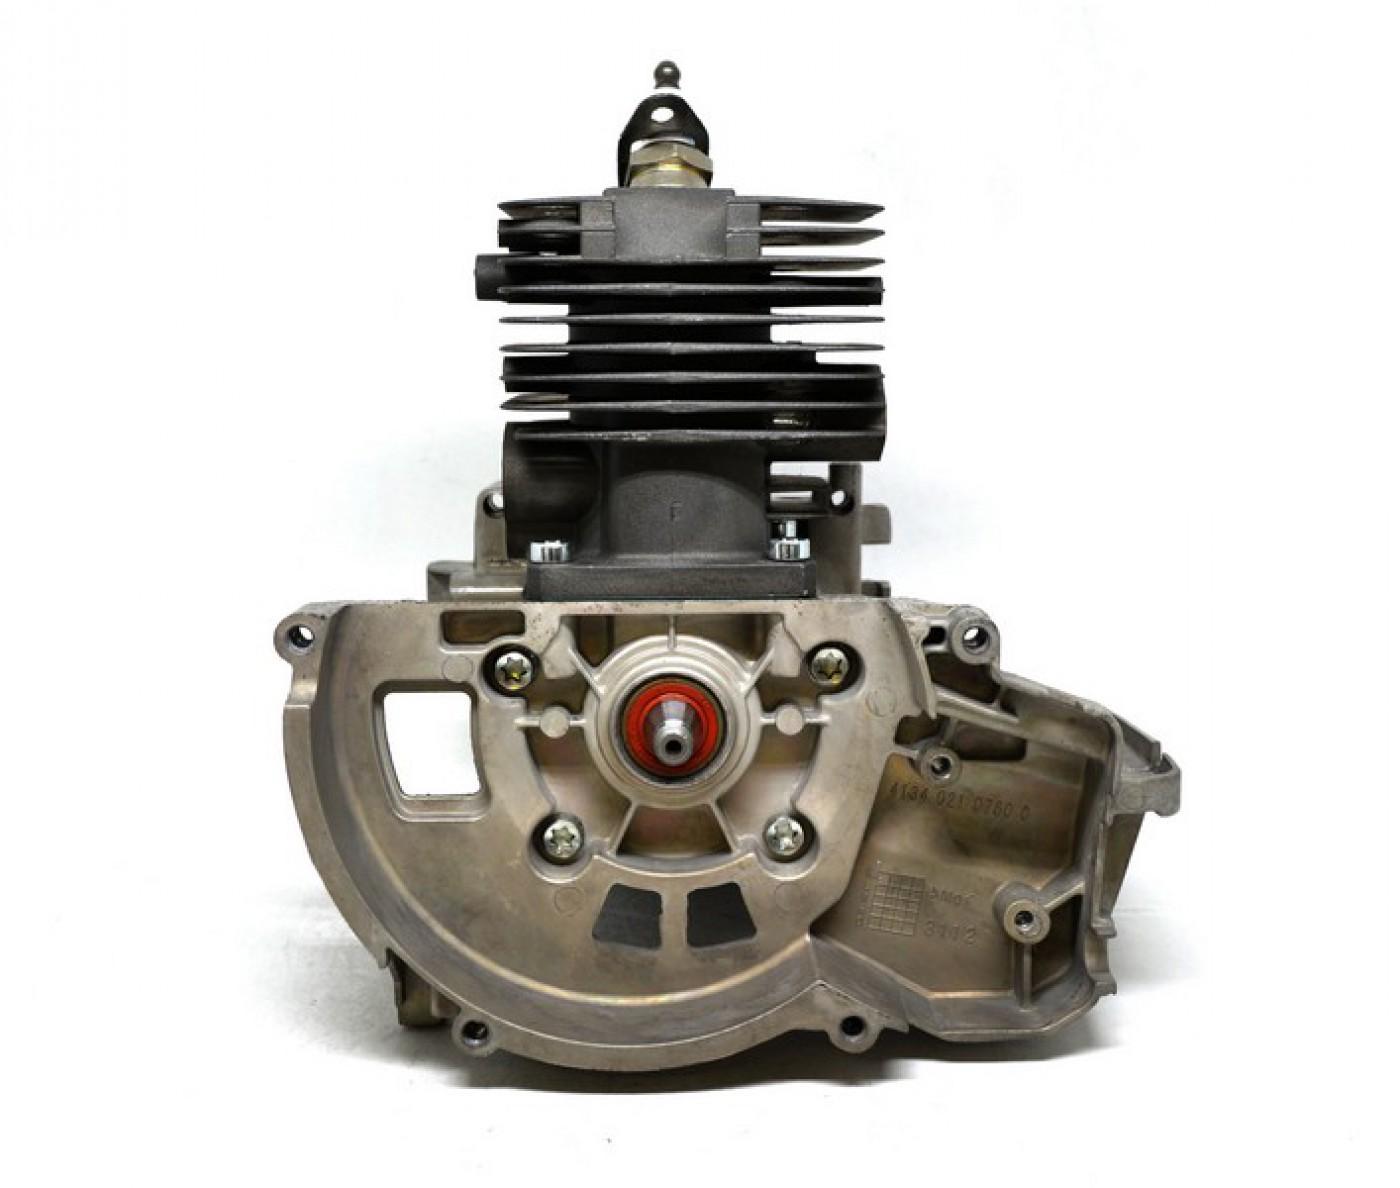 Motor Stihl FS350 AKCE!!!